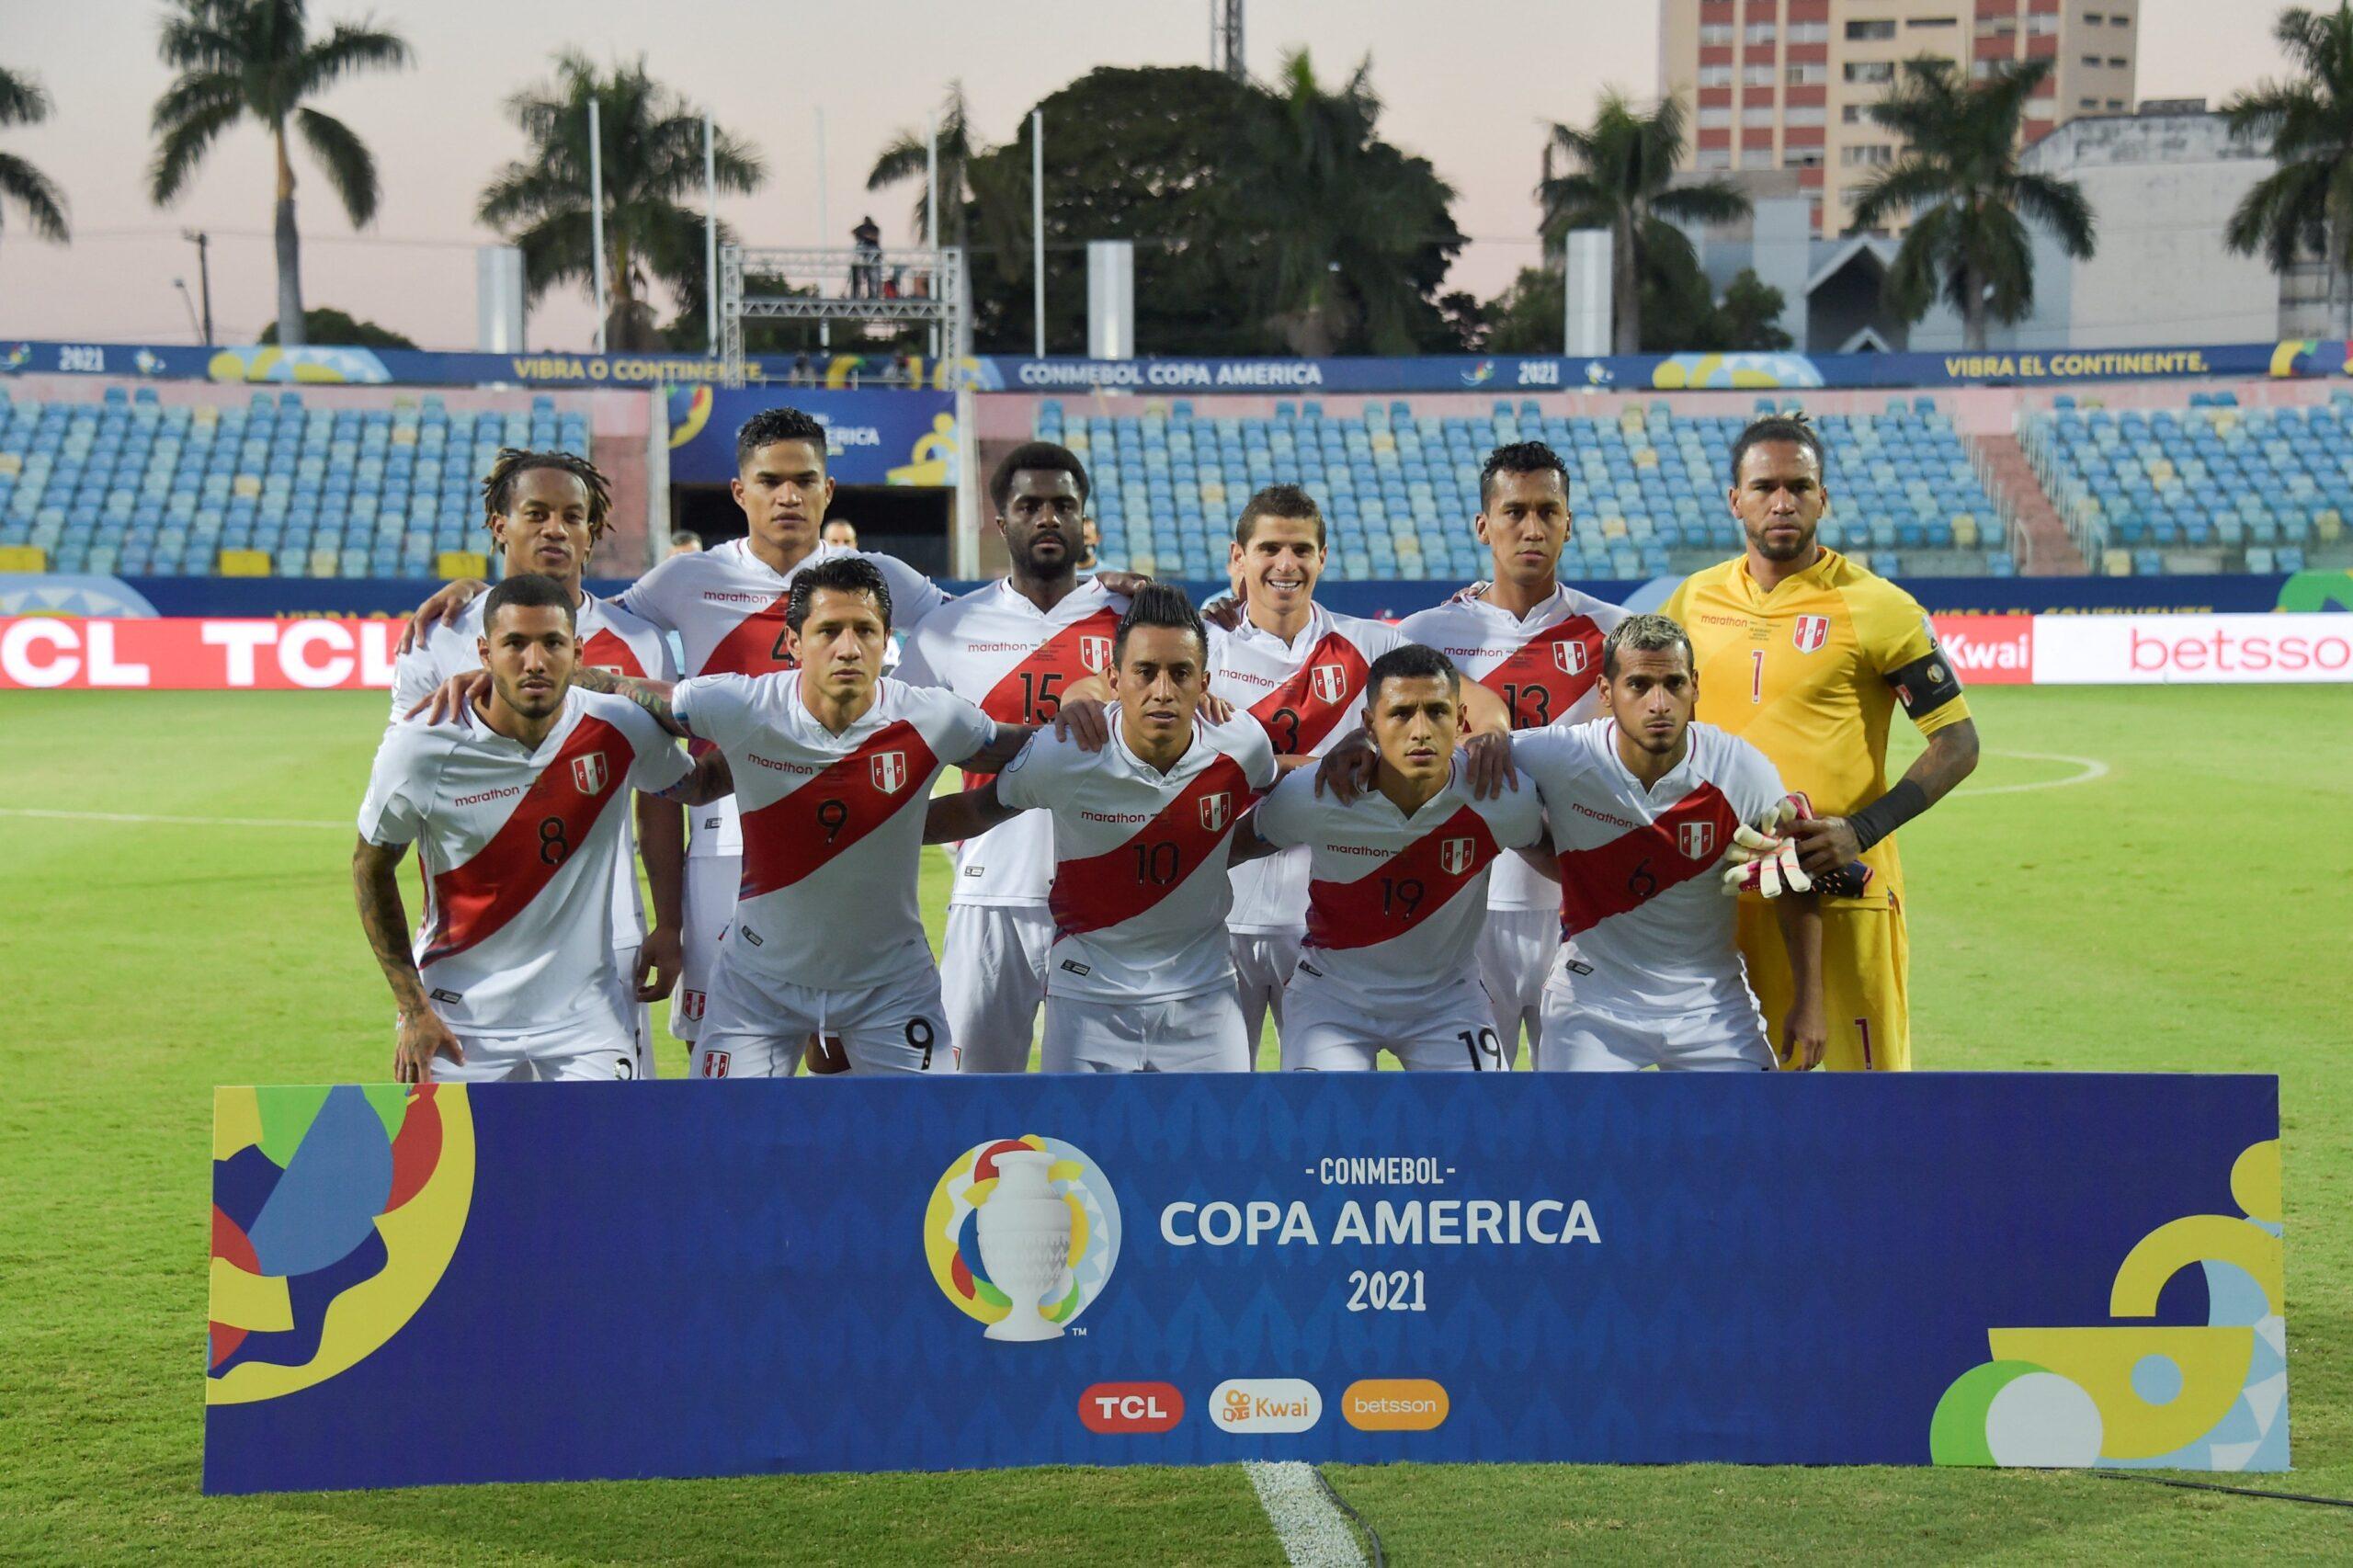 Nos pênaltis Peru vence o Paraguai e chega a semifinal da Copa América